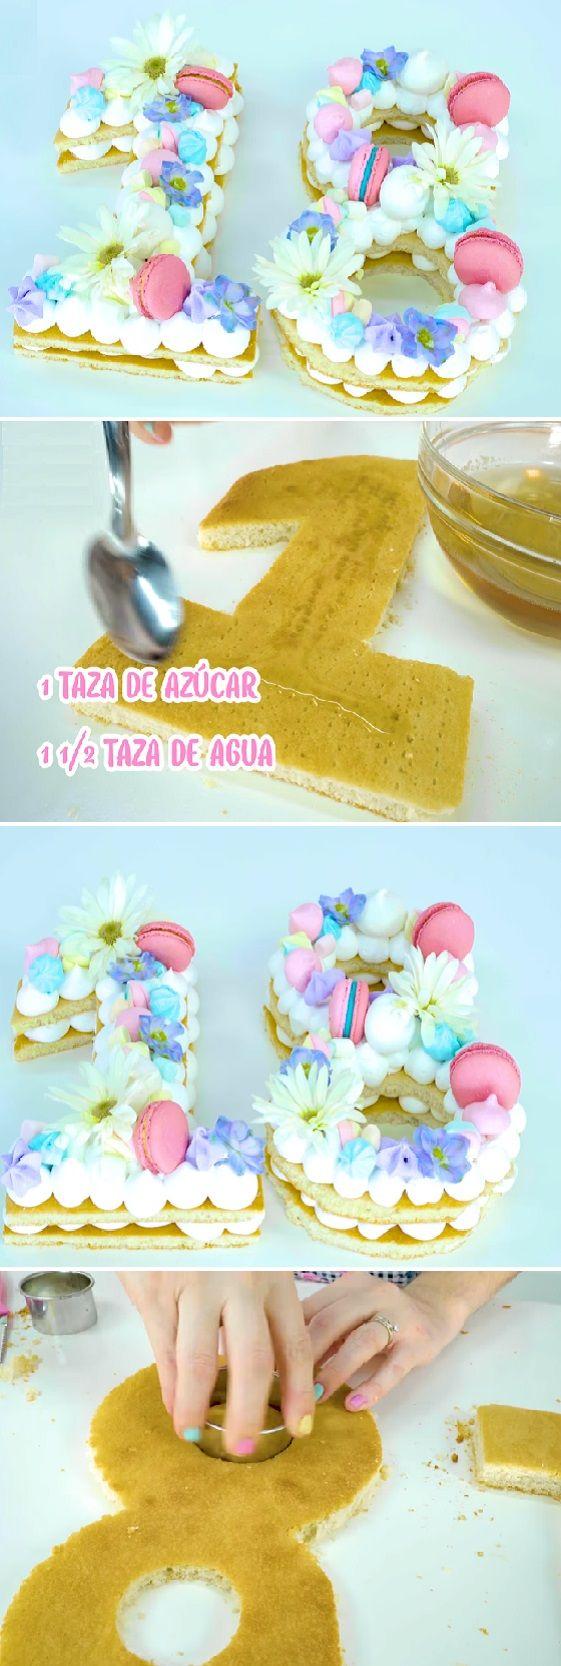 Cómo Hacer PASTEL EN TENDENCIA 2018 DE NÚMEROS CASERO PERFECTO sin defectos !! #receta #recipe #casero #torta #tartas #pastel #nestlecocina #bizcocho #bizcochuelo #tasty #cocina #chocolate   INGREDIENTES BIZCOCHO: (ésta cantidad es para que te salgan 4 bizcochos)  – 12 huevos  – 3 tazas de harina de...